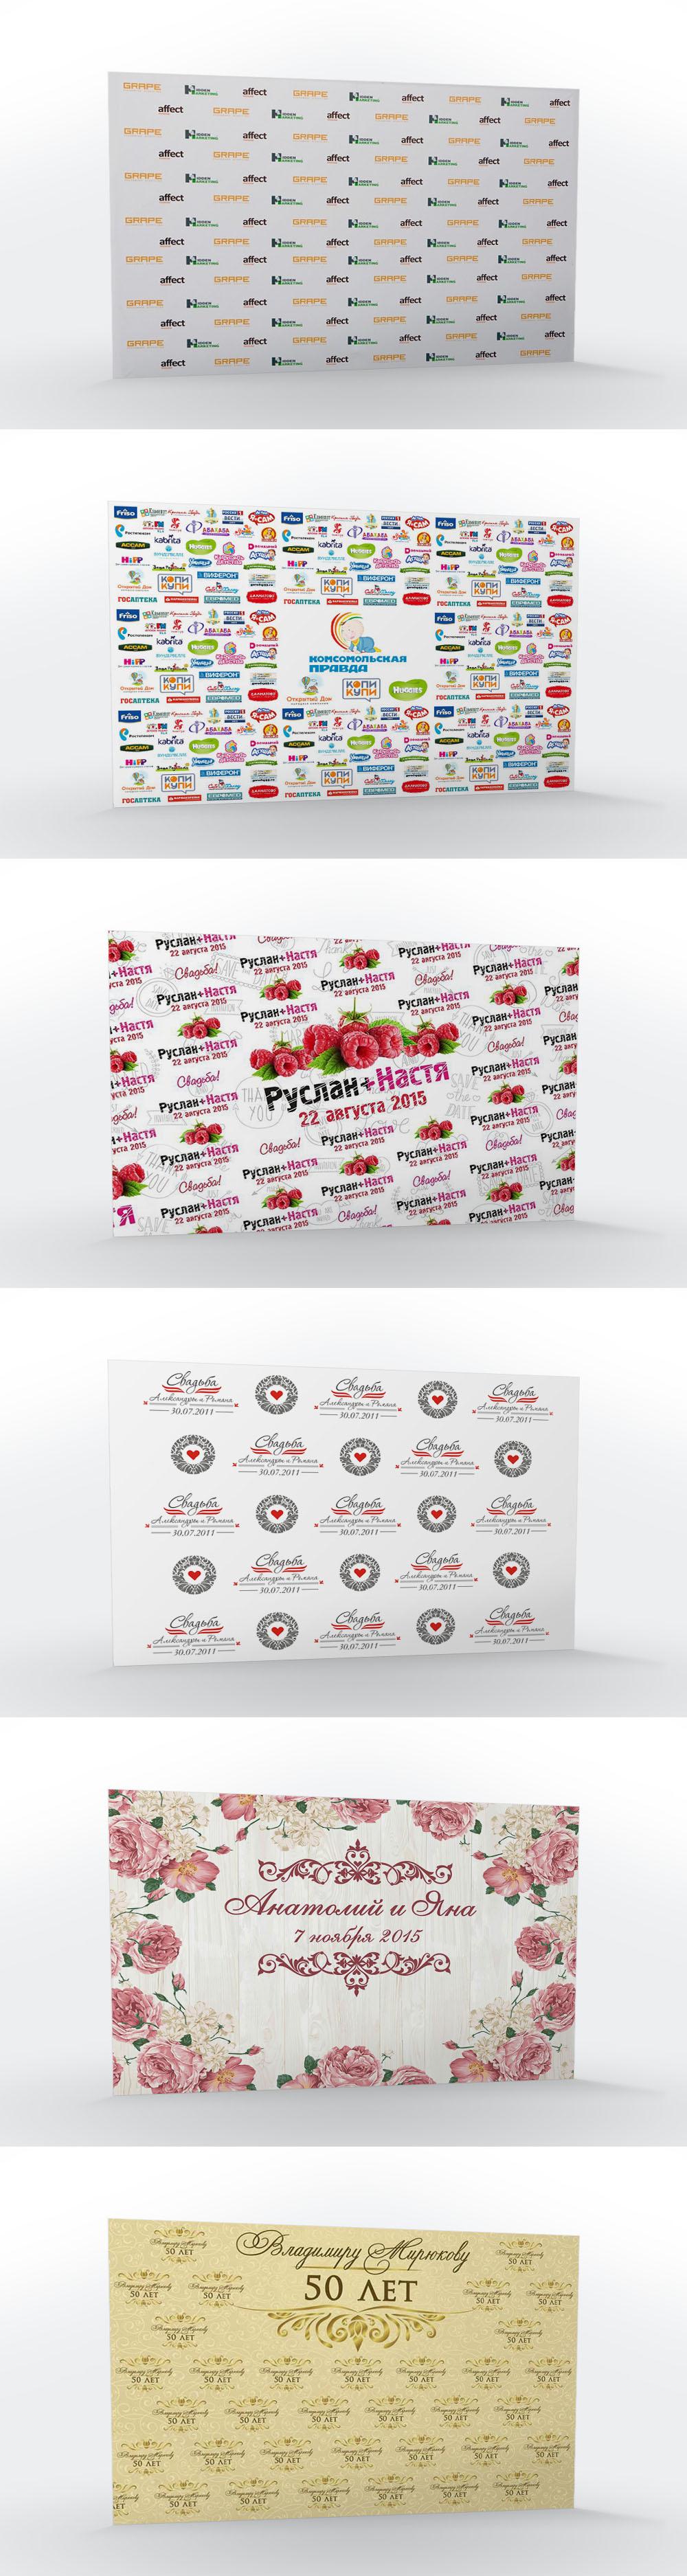 Дизайн наружной рекламы. Пресс волл